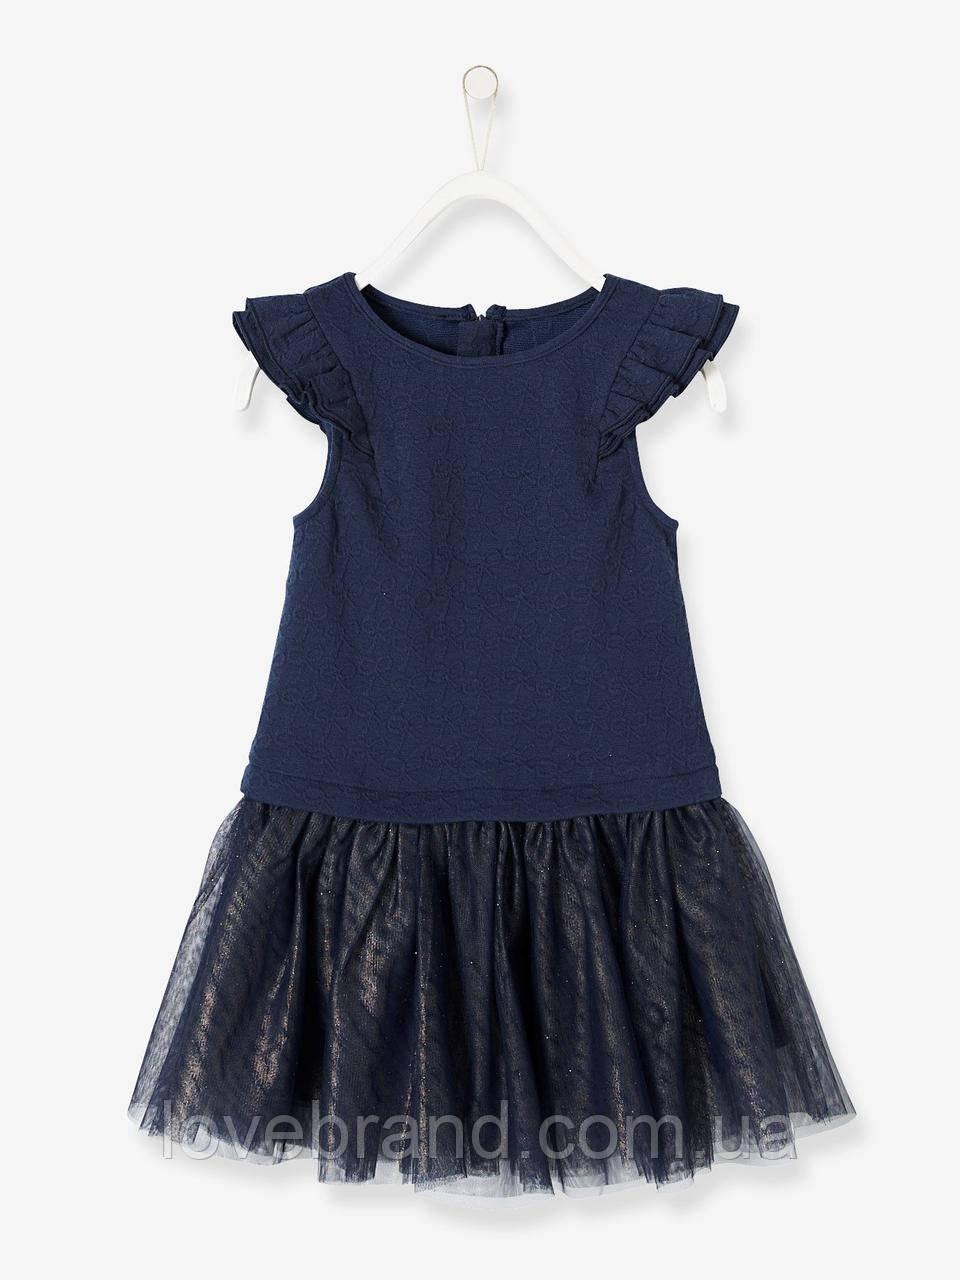 Нарядное синие платье на девочку Vertbaudet (Франция) , для торжества на короткий рукав с фатиновой юбкой